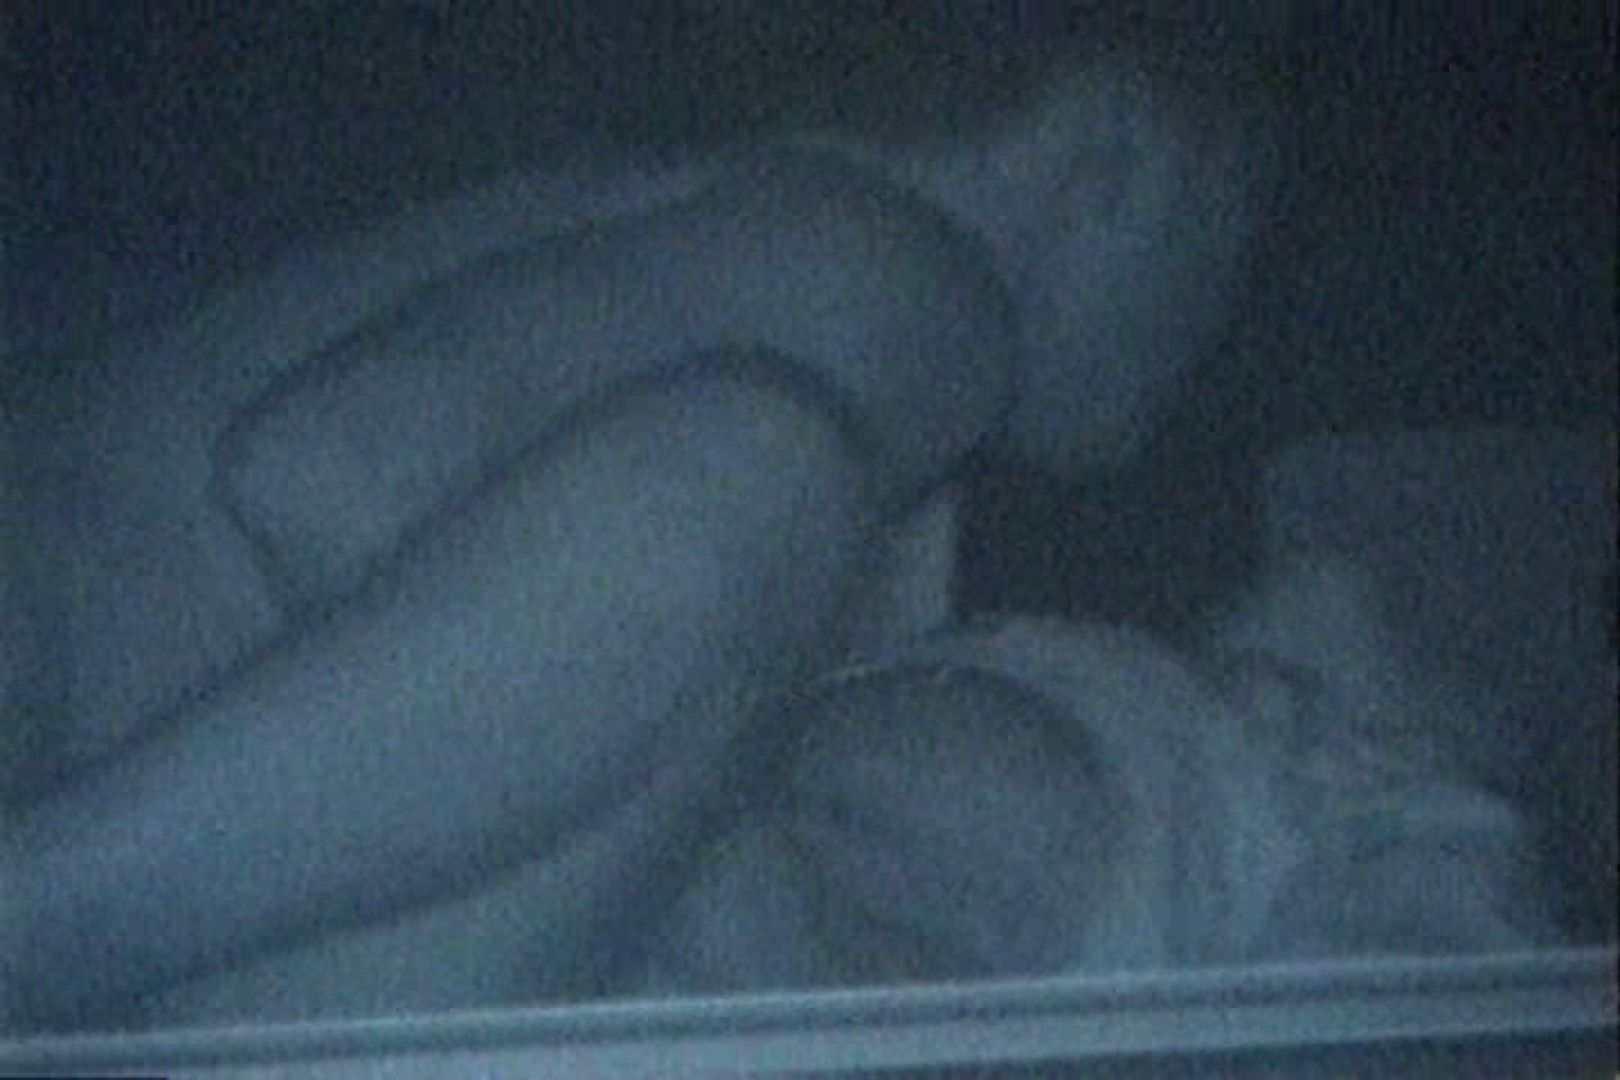 充血監督の深夜の運動会Vol.150 車でエッチ 隠し撮りオマンコ動画紹介 95PIX 44